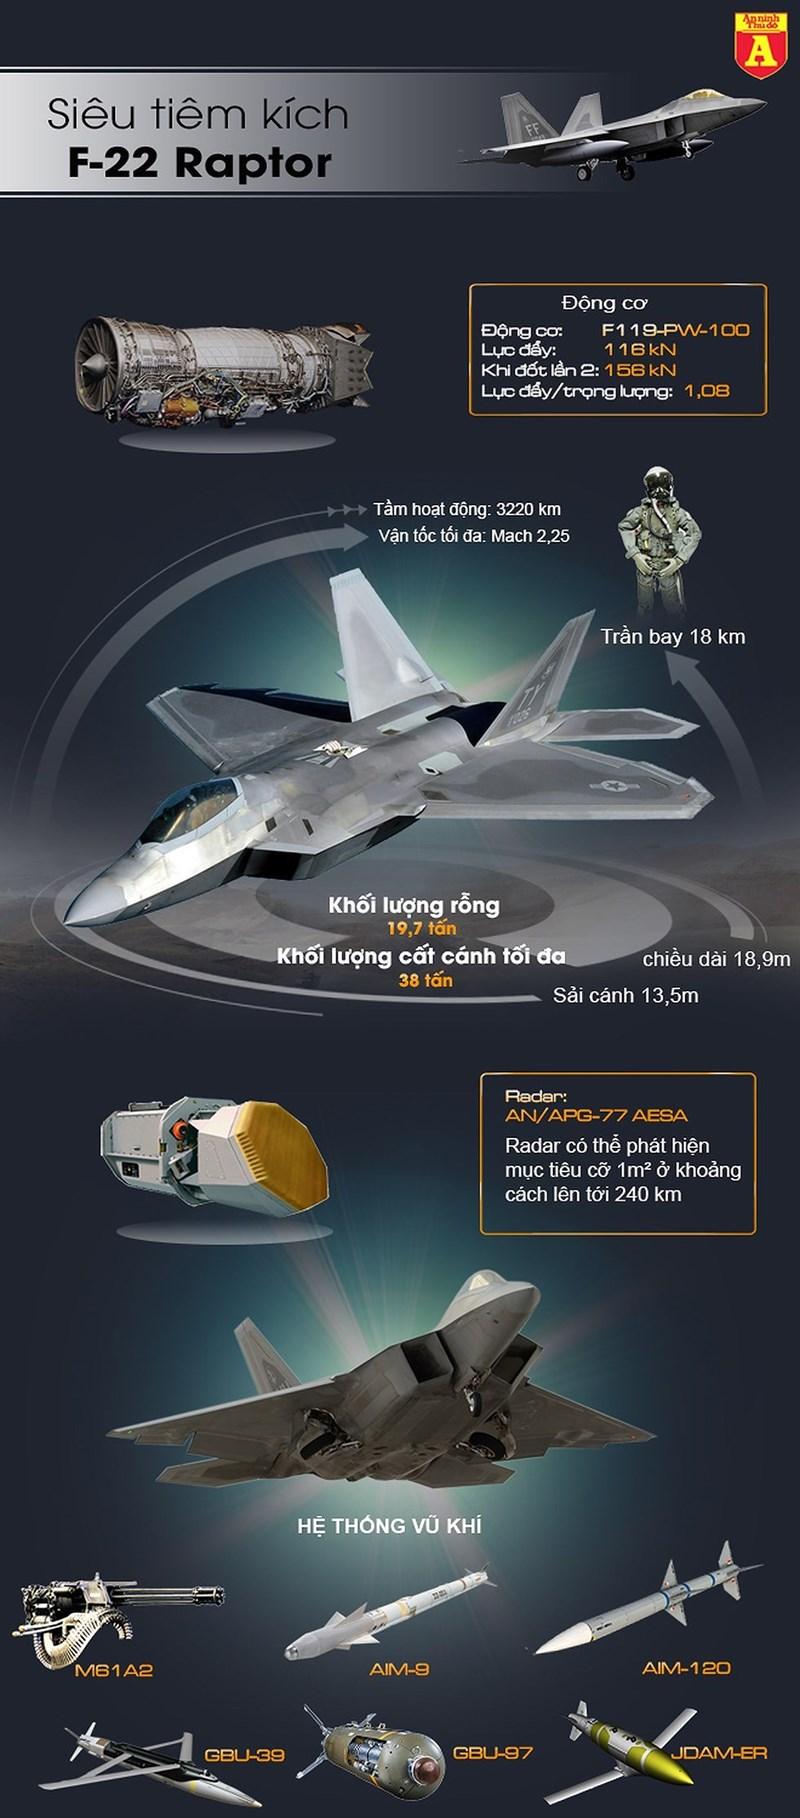 [Infographic] 4 chiếc F-22 Mỹ lao lên chặn 4 oanh tạc cơ Tu-95 Nga - Ảnh 1